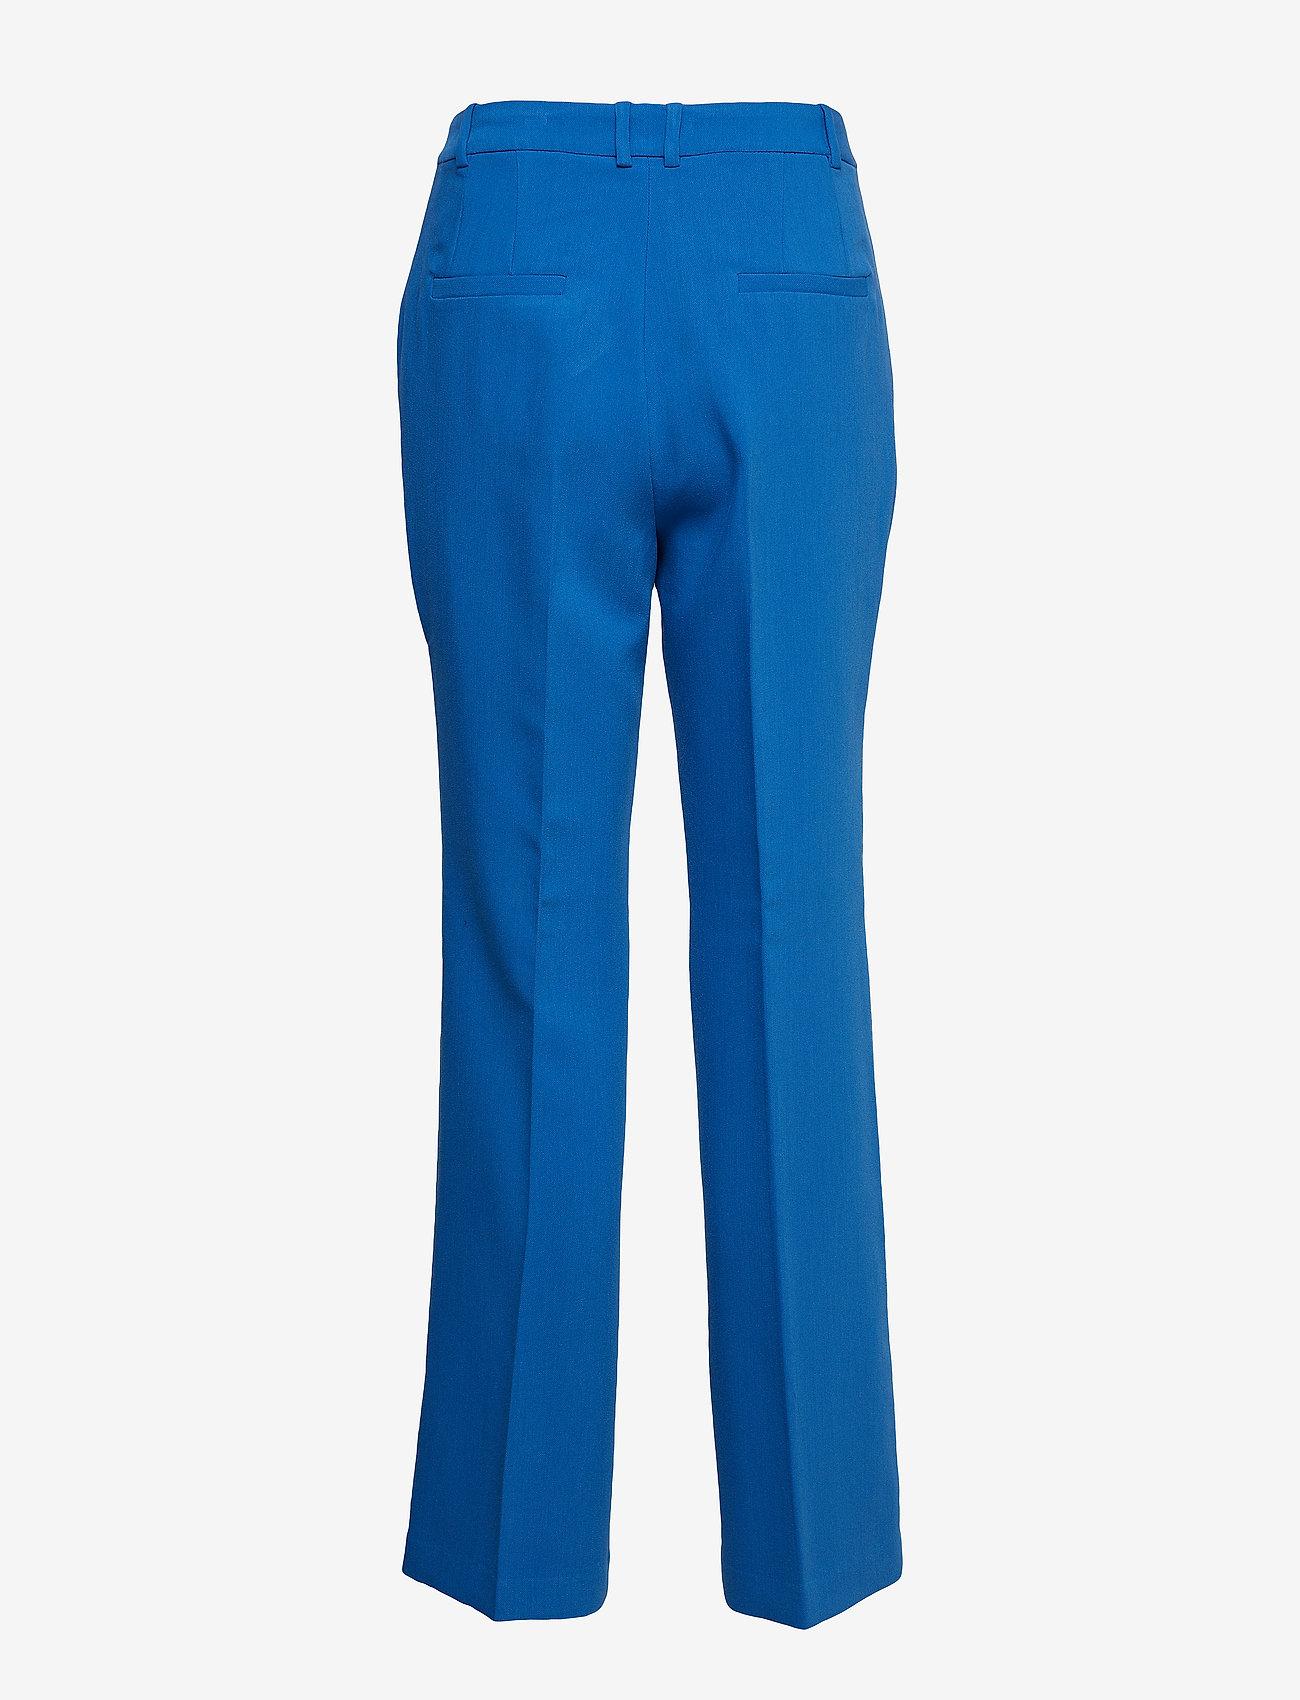 Pants Woven (Bright Blue) - Esprit Collection dm1ASk